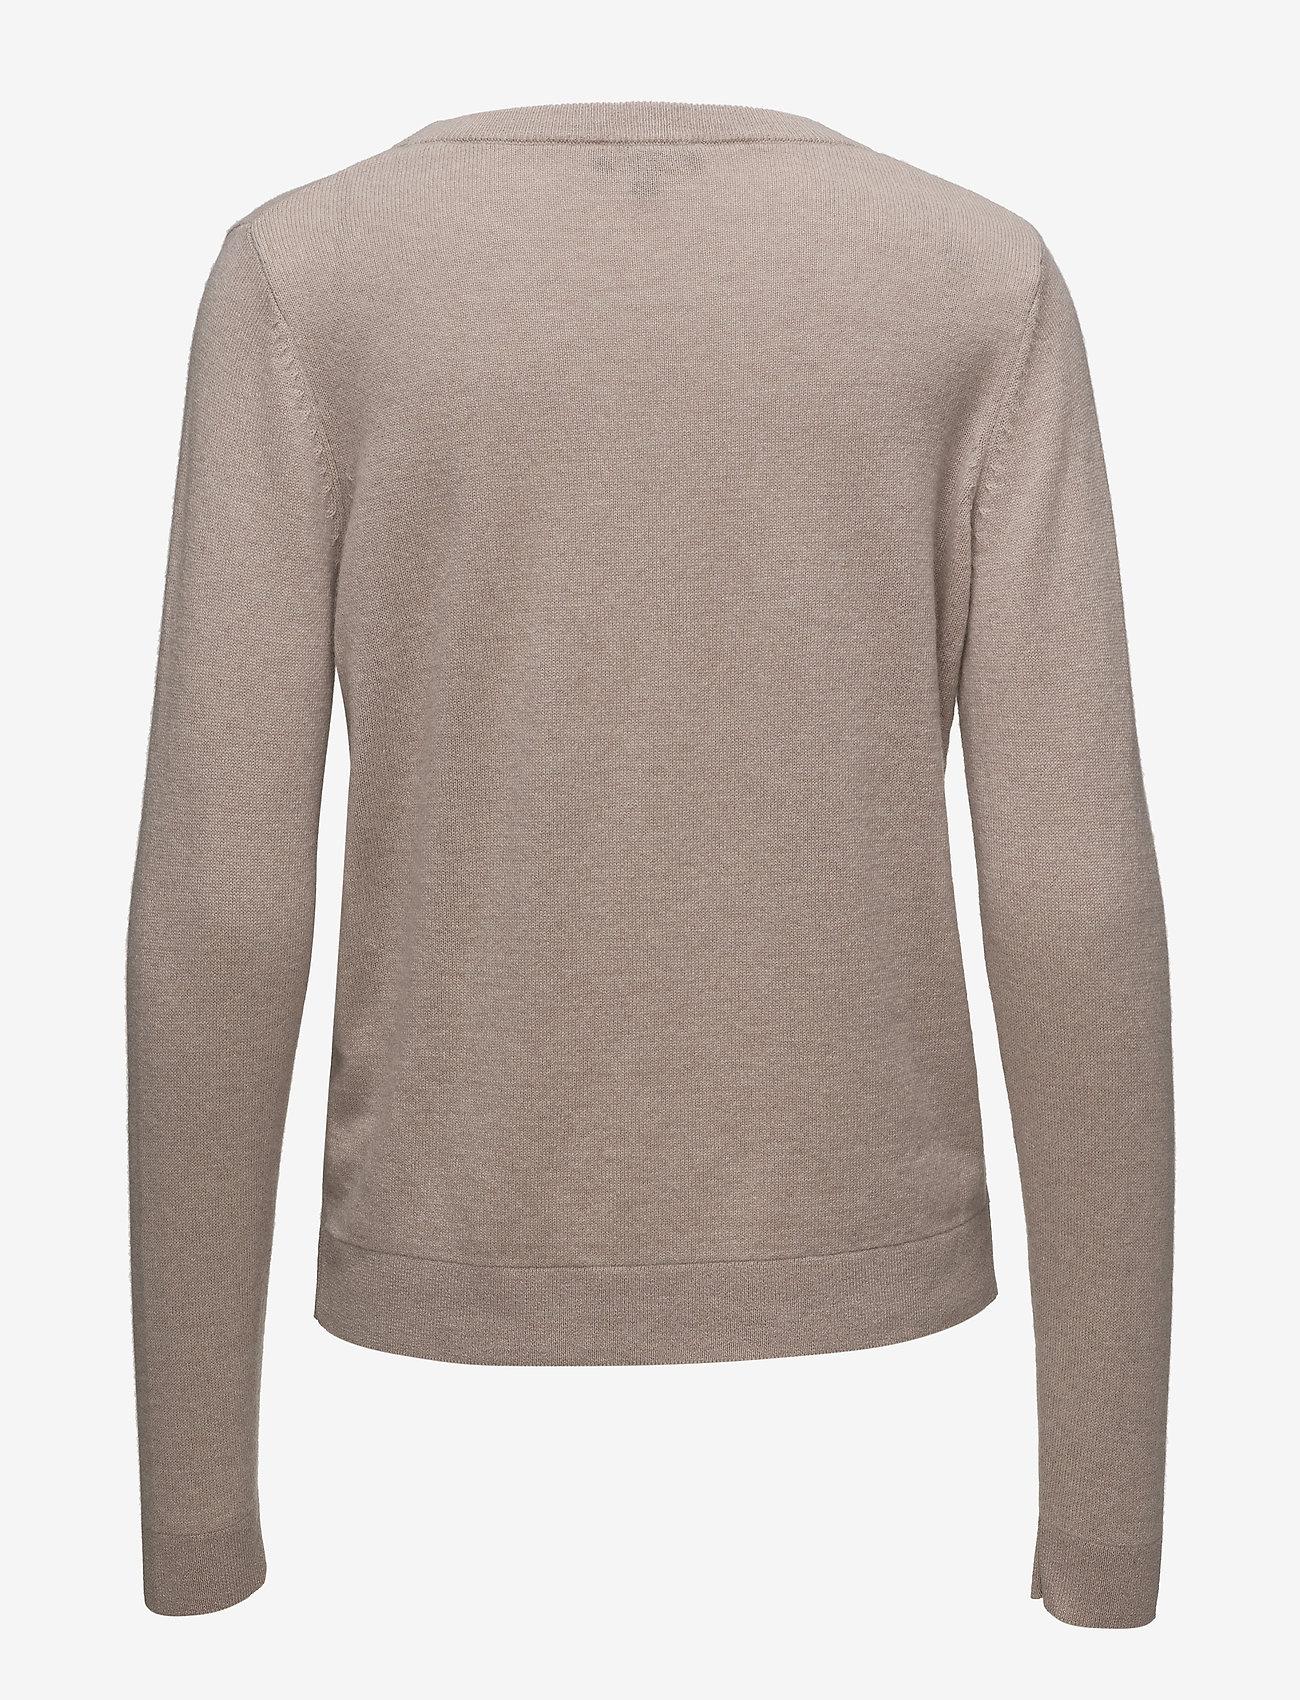 Selected Femme - SLFAYA CASHMERE LS KNIT O-NECK NOOS - cashmere - adobe rose - 1